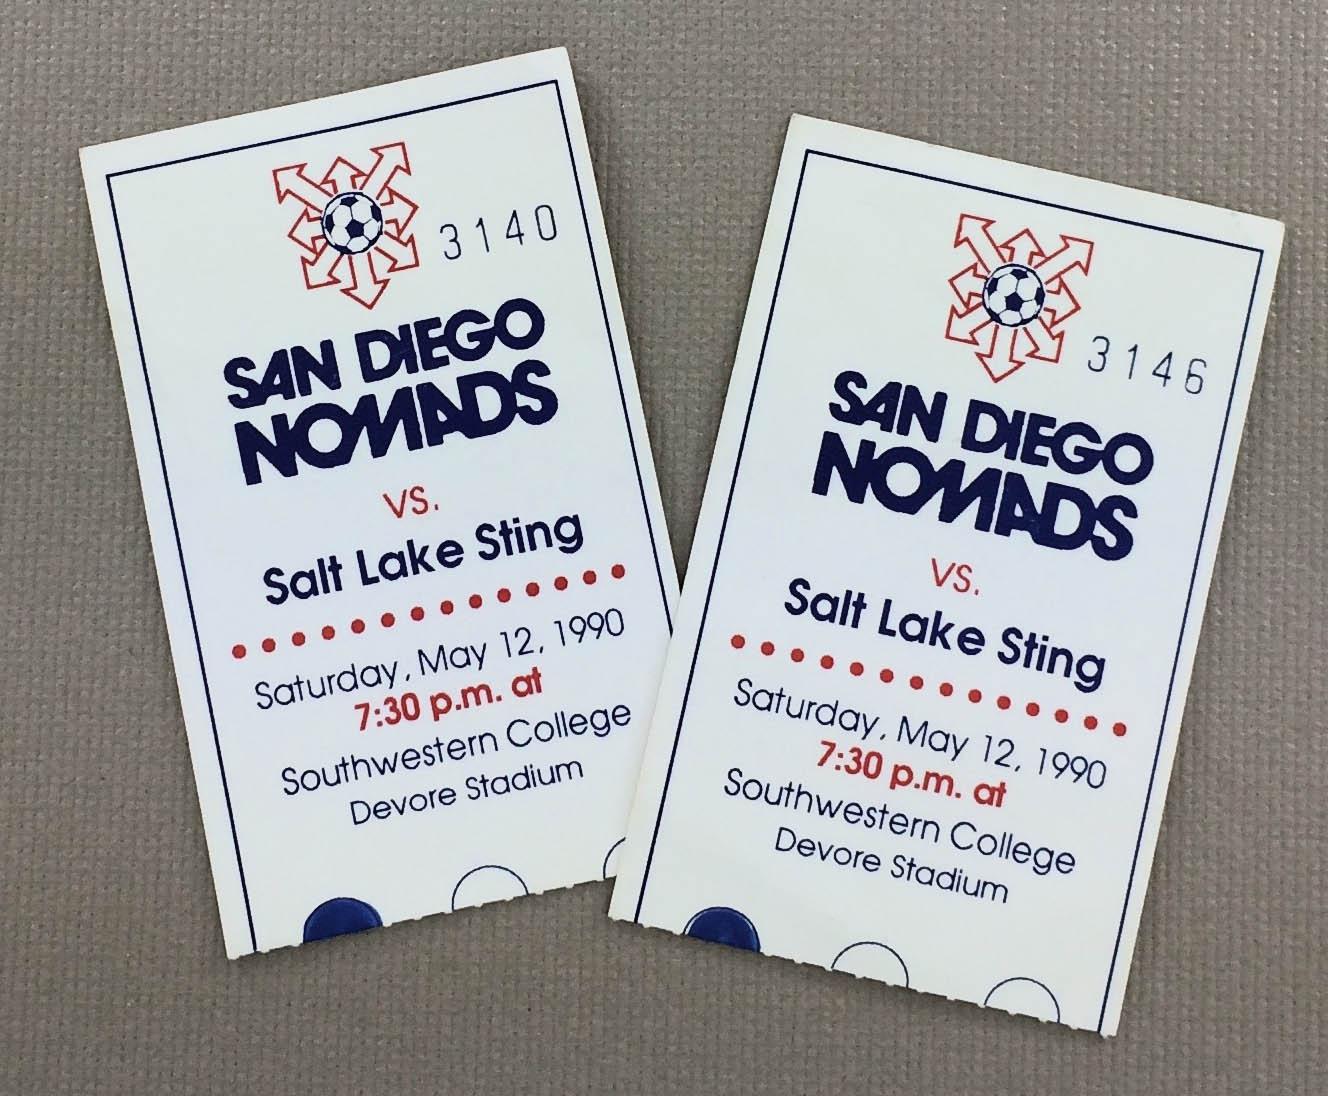 San Diego Nomads 1990 Tickets